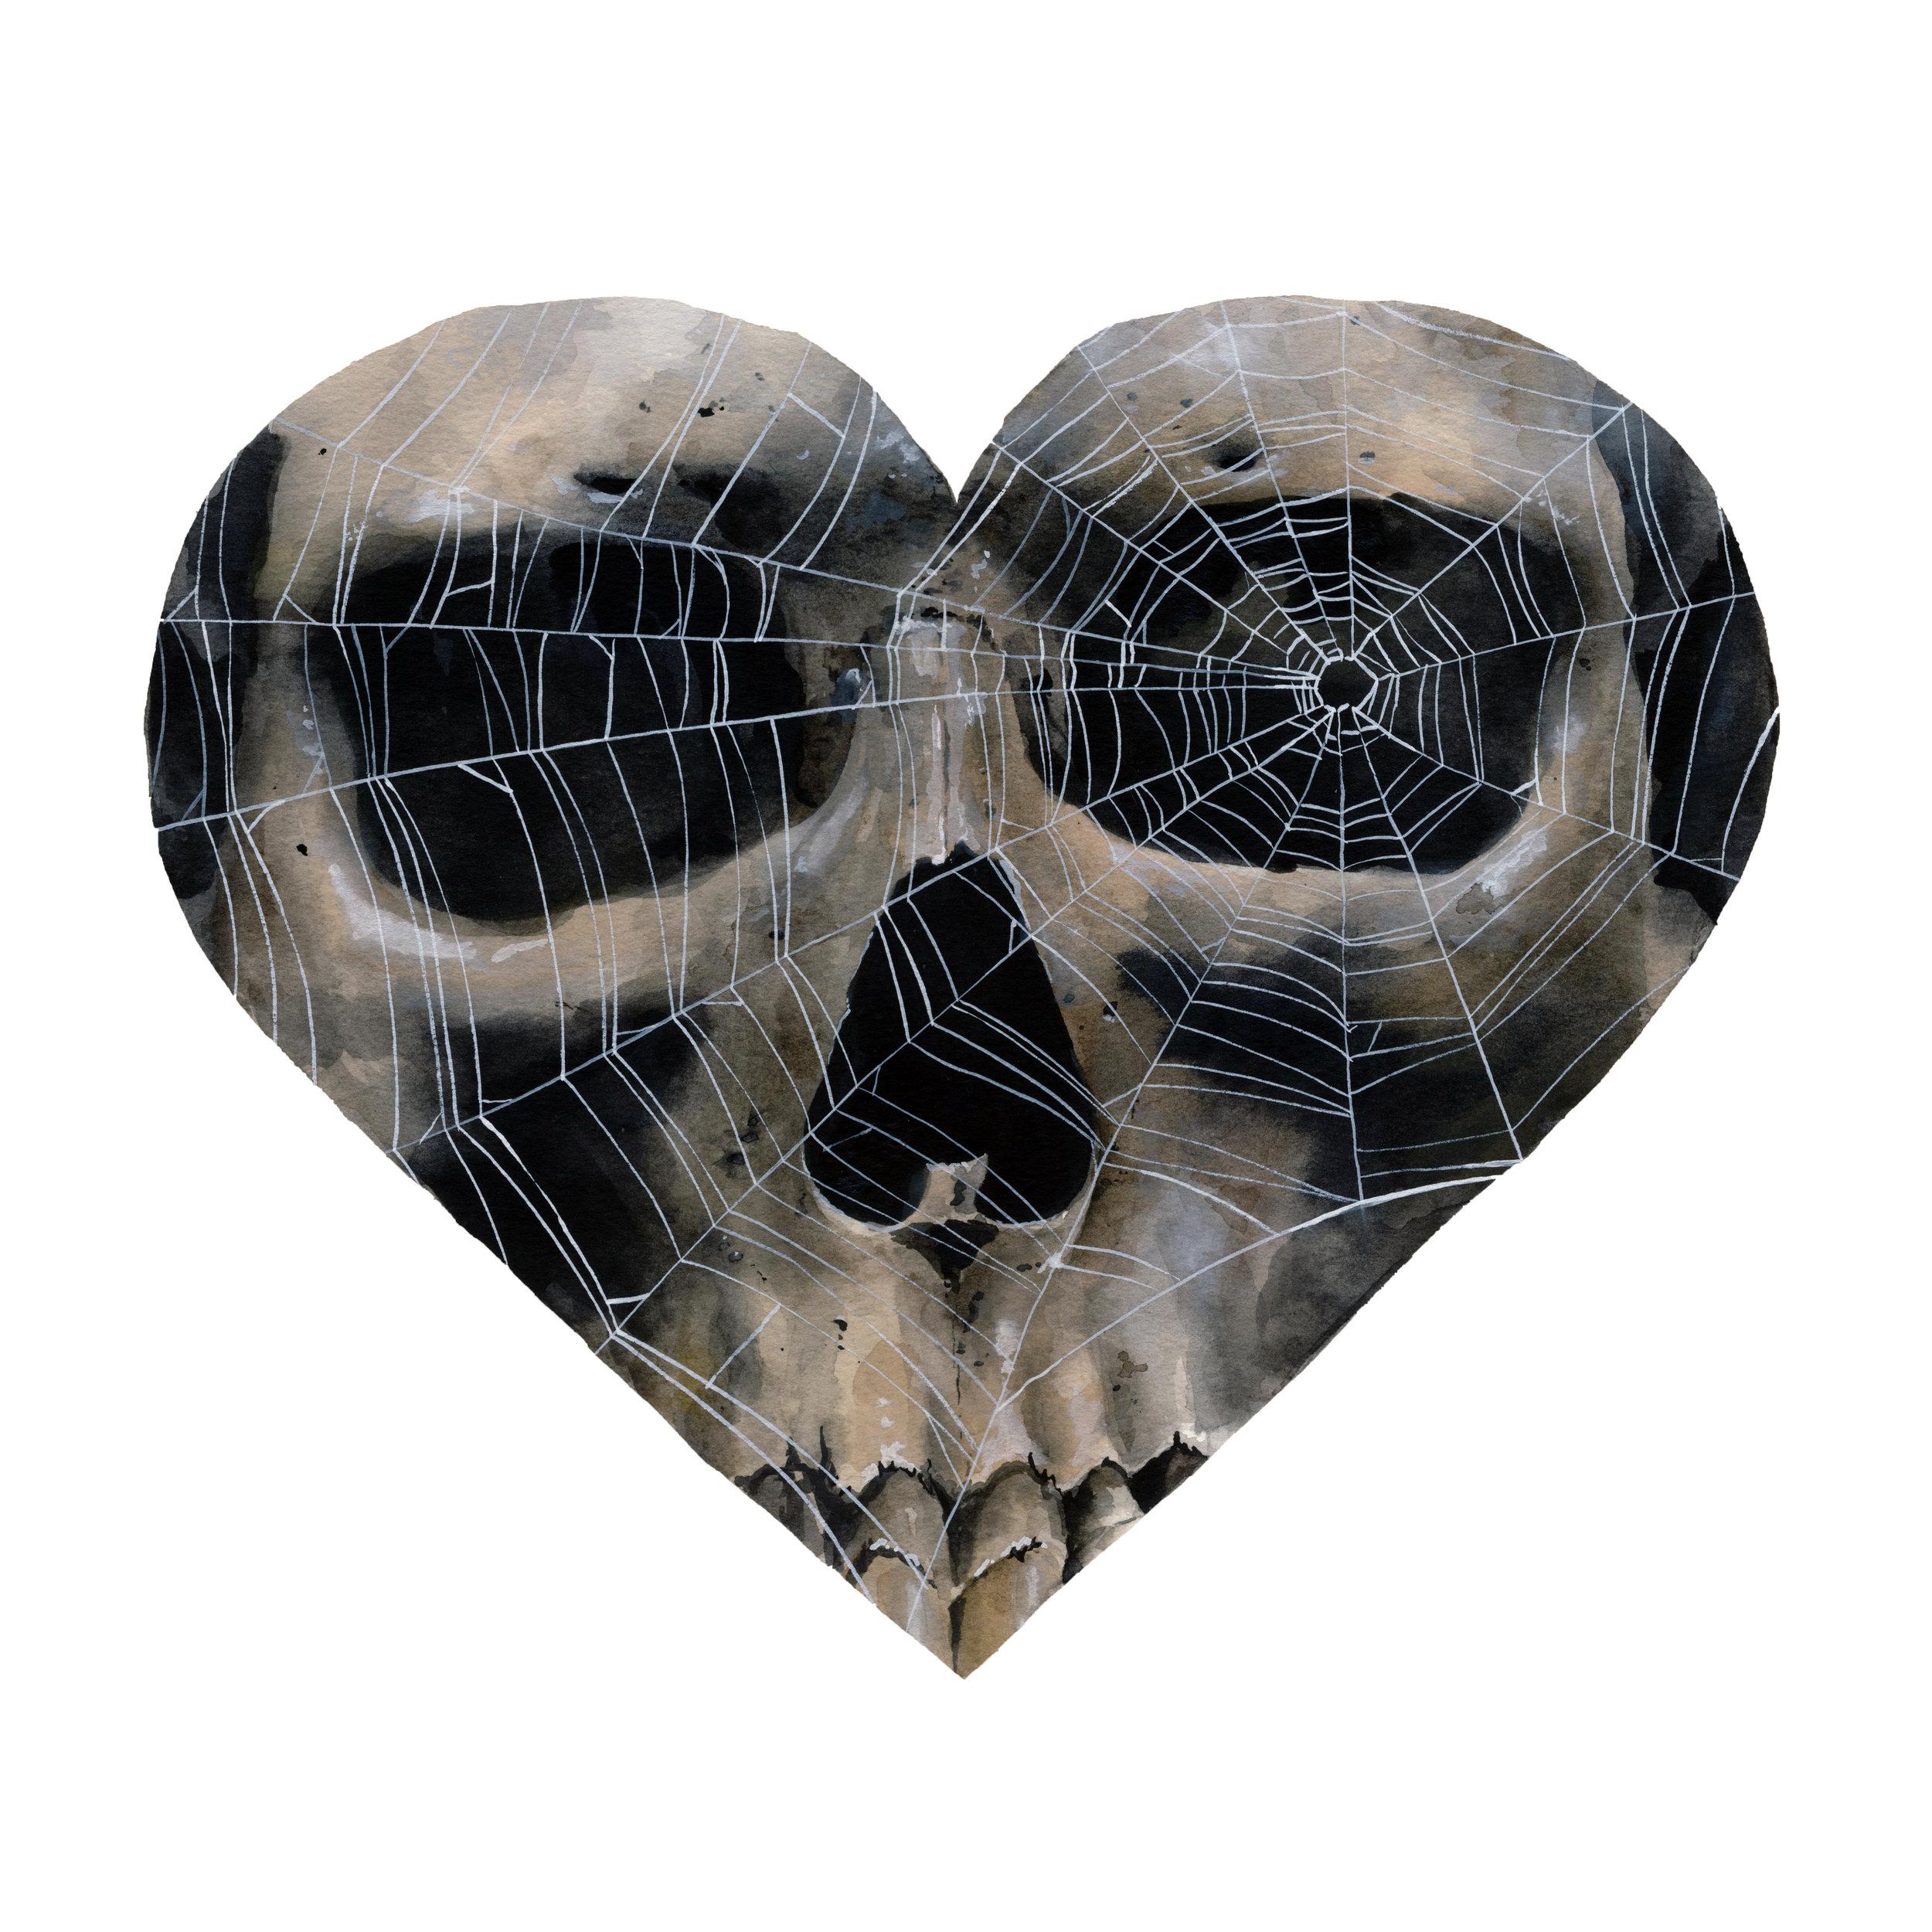 Heart_Skull_Web1.jpg